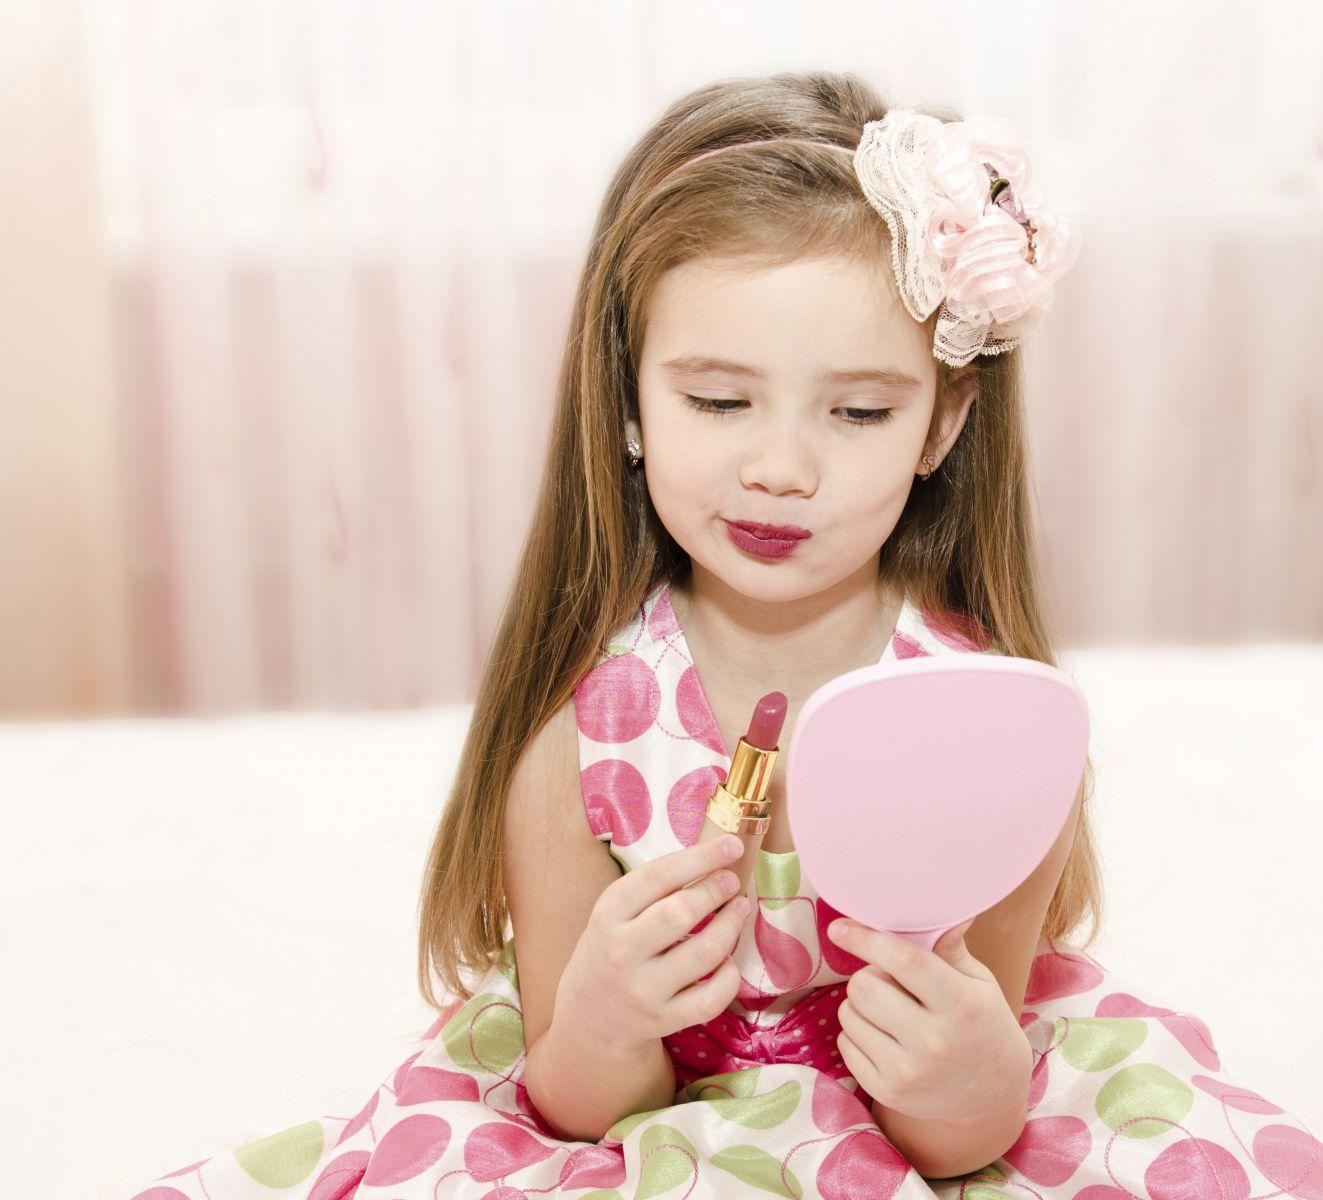 66c2152c075268 Zo'n 70% van de moeders zegt dat ze haar dochter regelmatig hoort klagen  over haar slechte huid. Gek genoeg vinden wij, geven ze niet aan dat ze het  ...